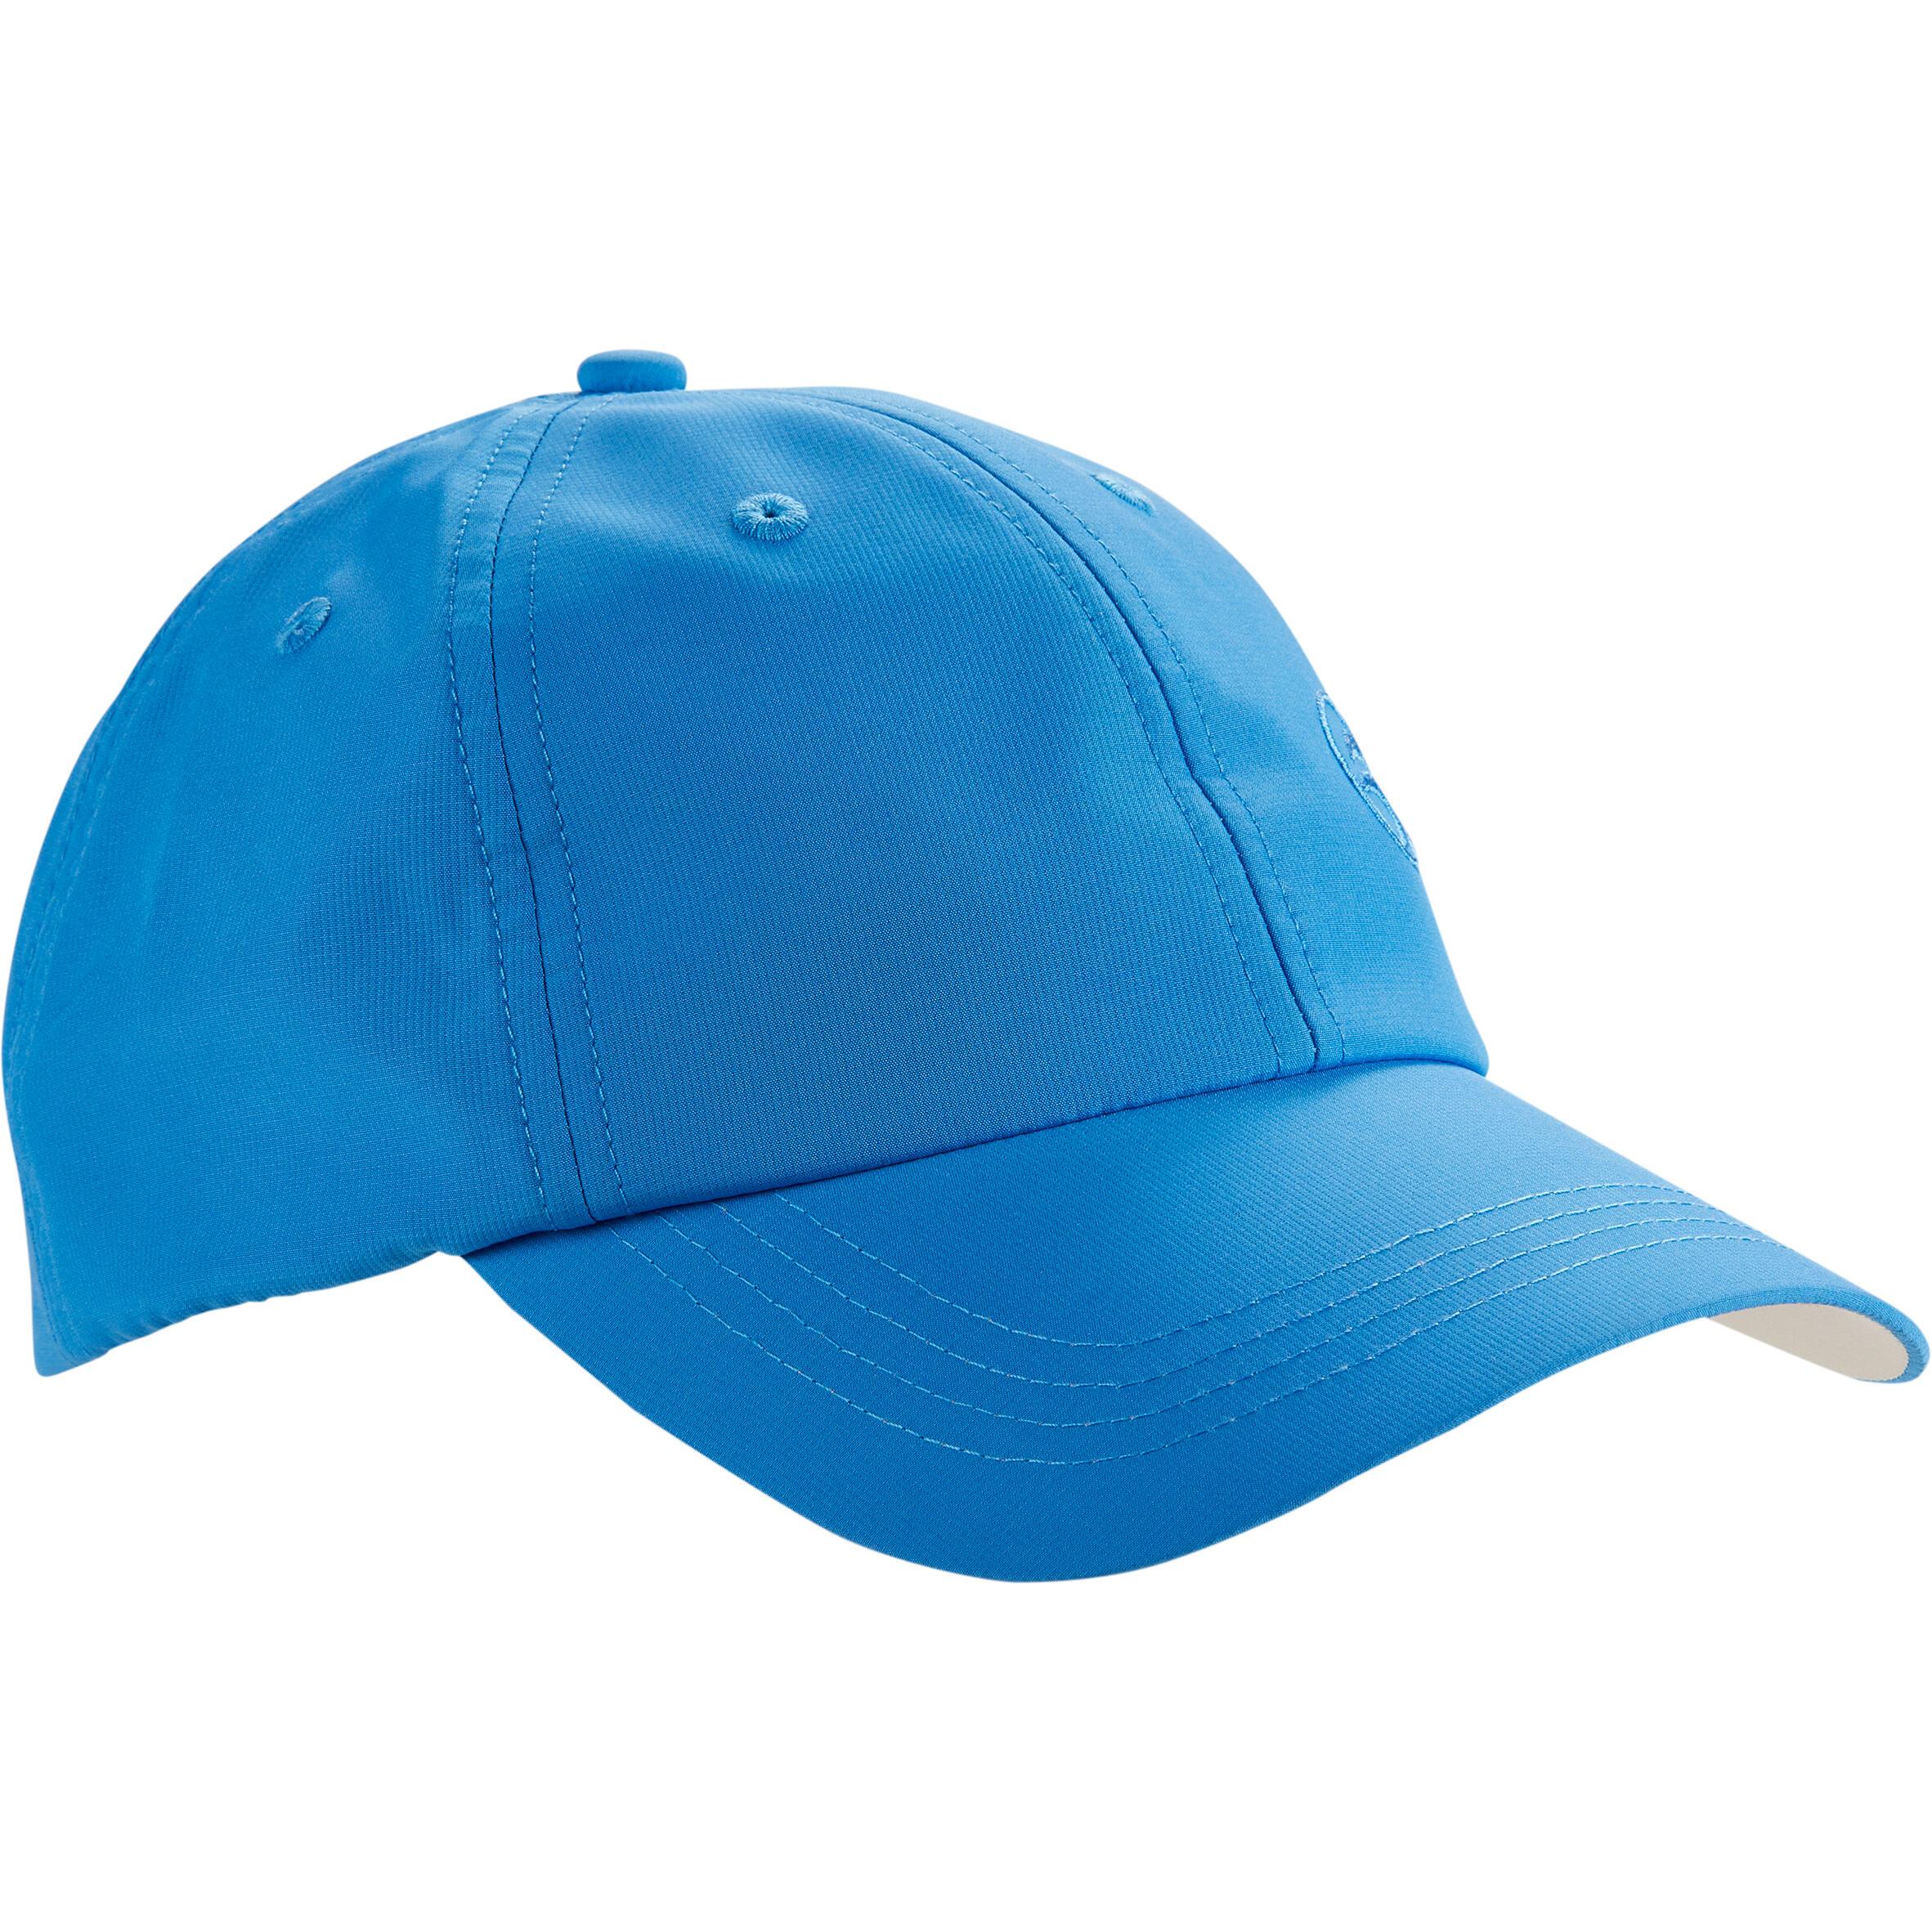 Gorra de golf para adulto - azul